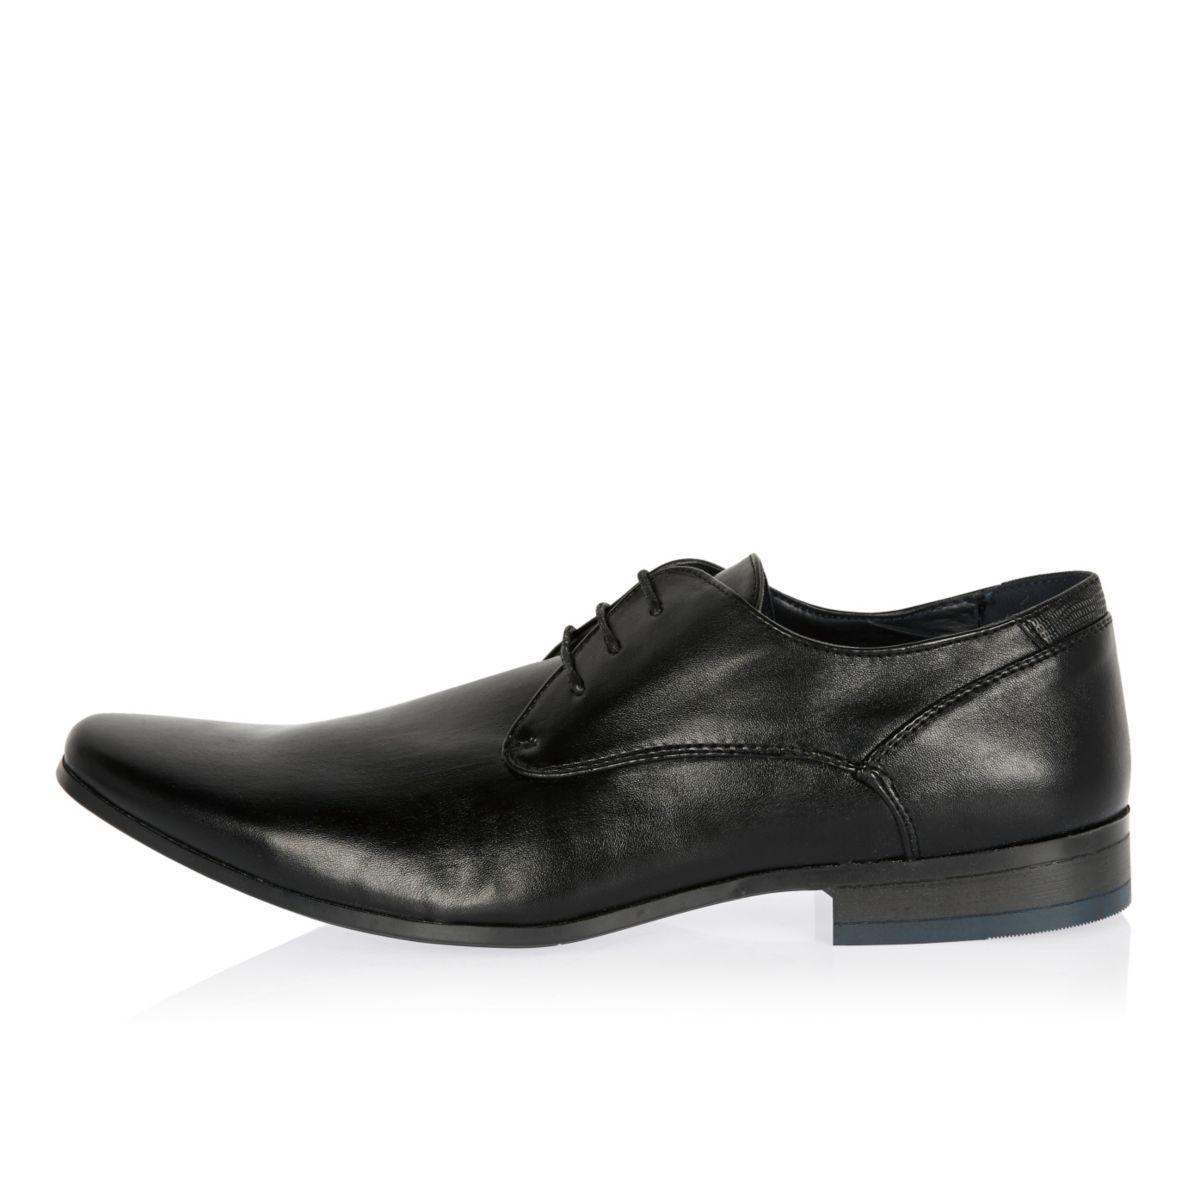 Chaussures noires habillées aux talons colorés